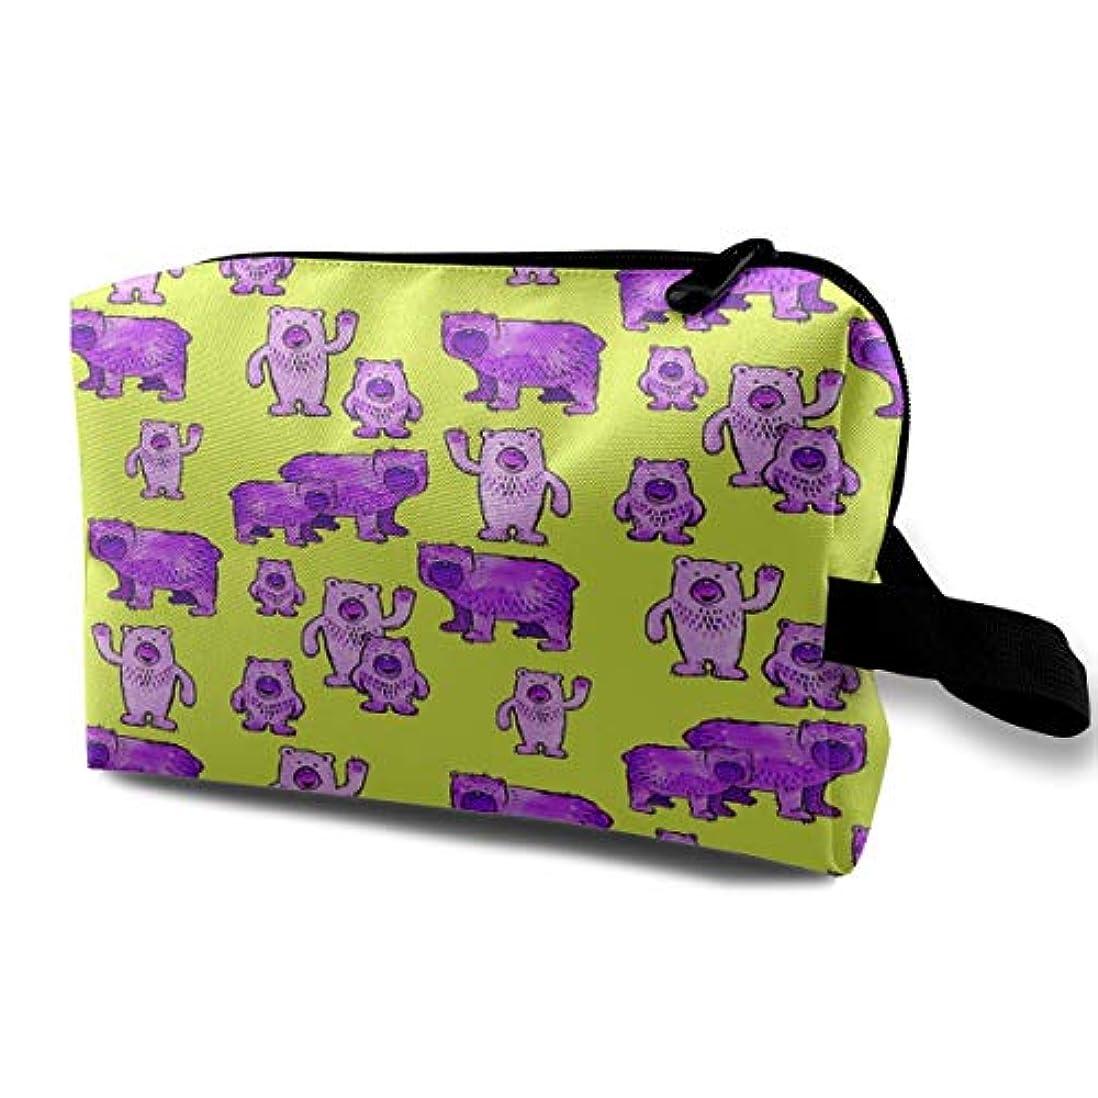 オーディション結び目形式Bears In Purple And Lime Green 収納ポーチ 化粧ポーチ 大容量 軽量 耐久性 ハンドル付持ち運び便利。入れ 自宅?出張?旅行?アウトドア撮影などに対応。メンズ レディース トラベルグッズ